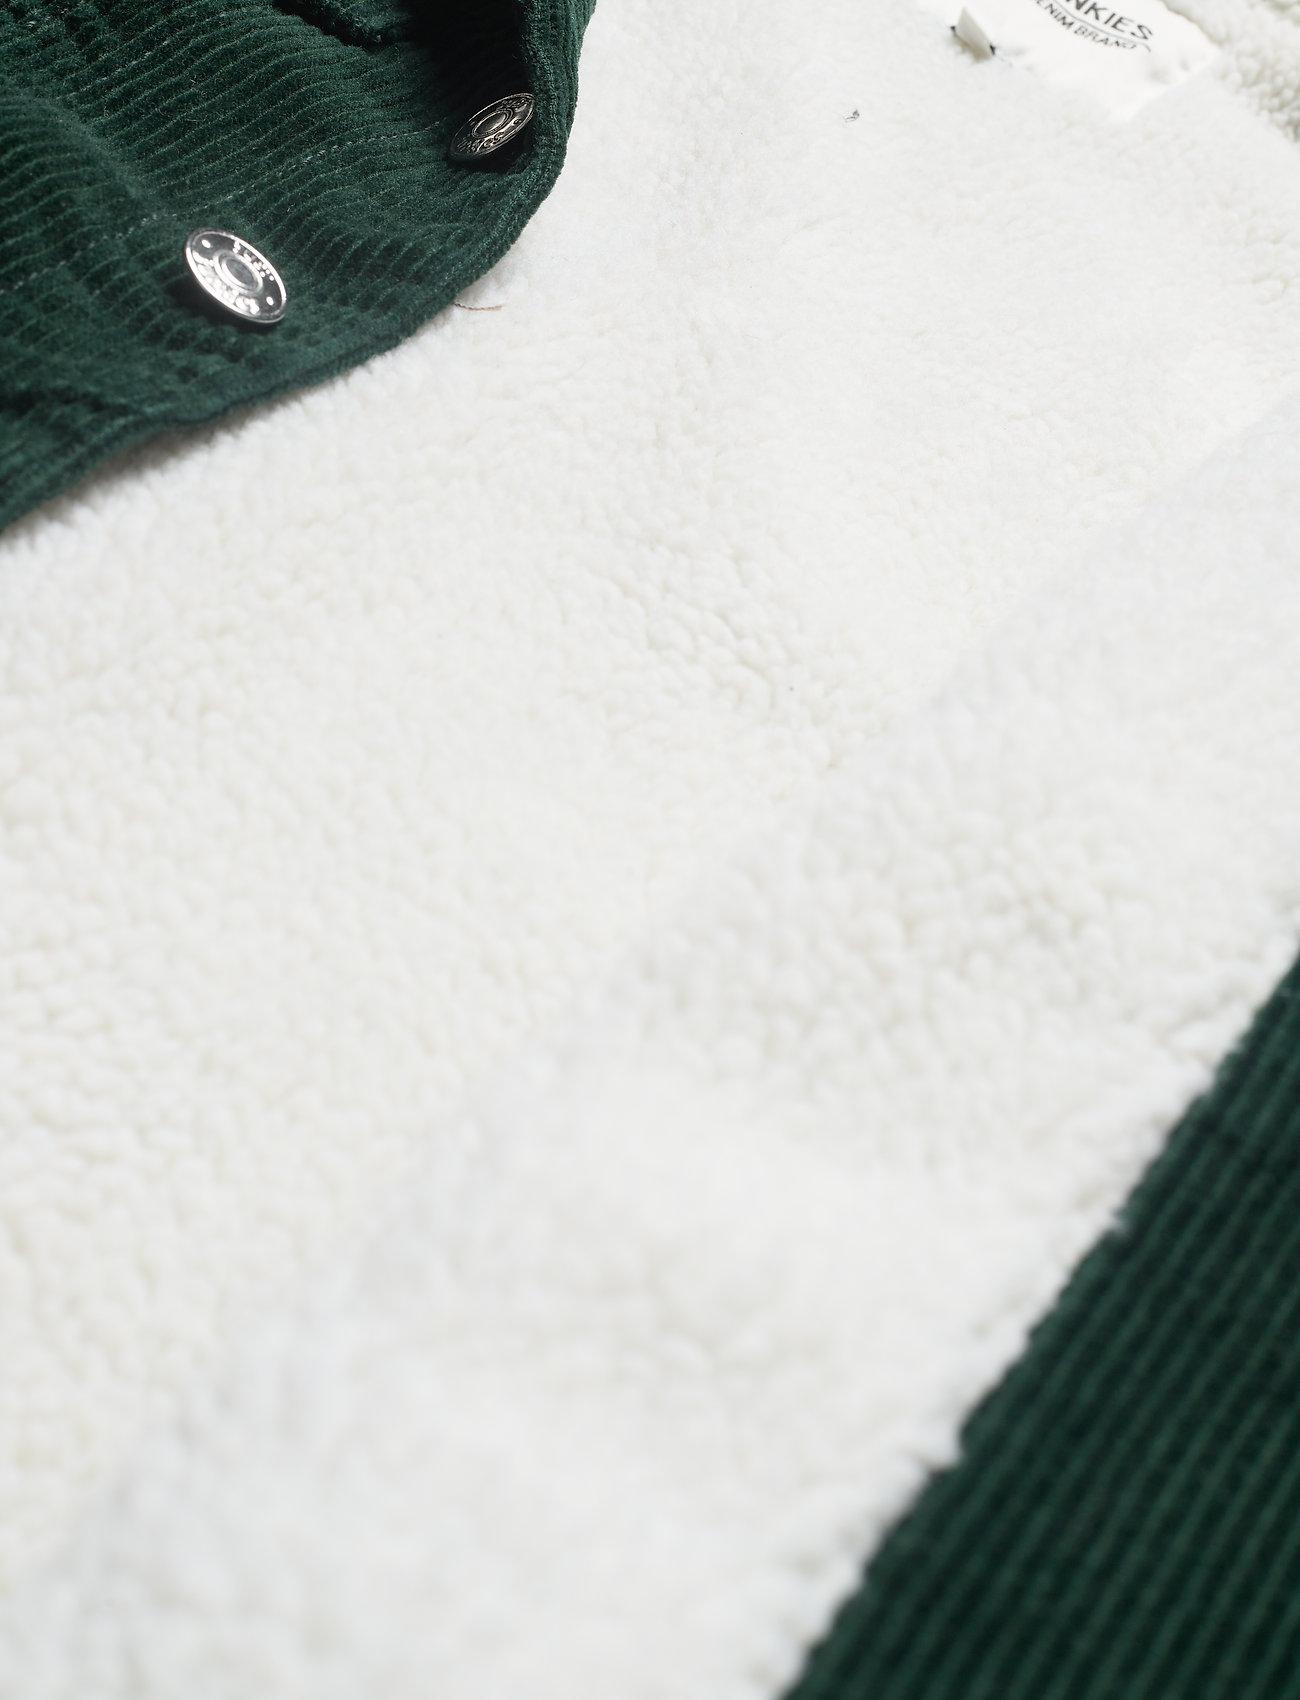 Rolf Fur Corderoy (Green) (66 €) - Just Junkies 67ELsKyO